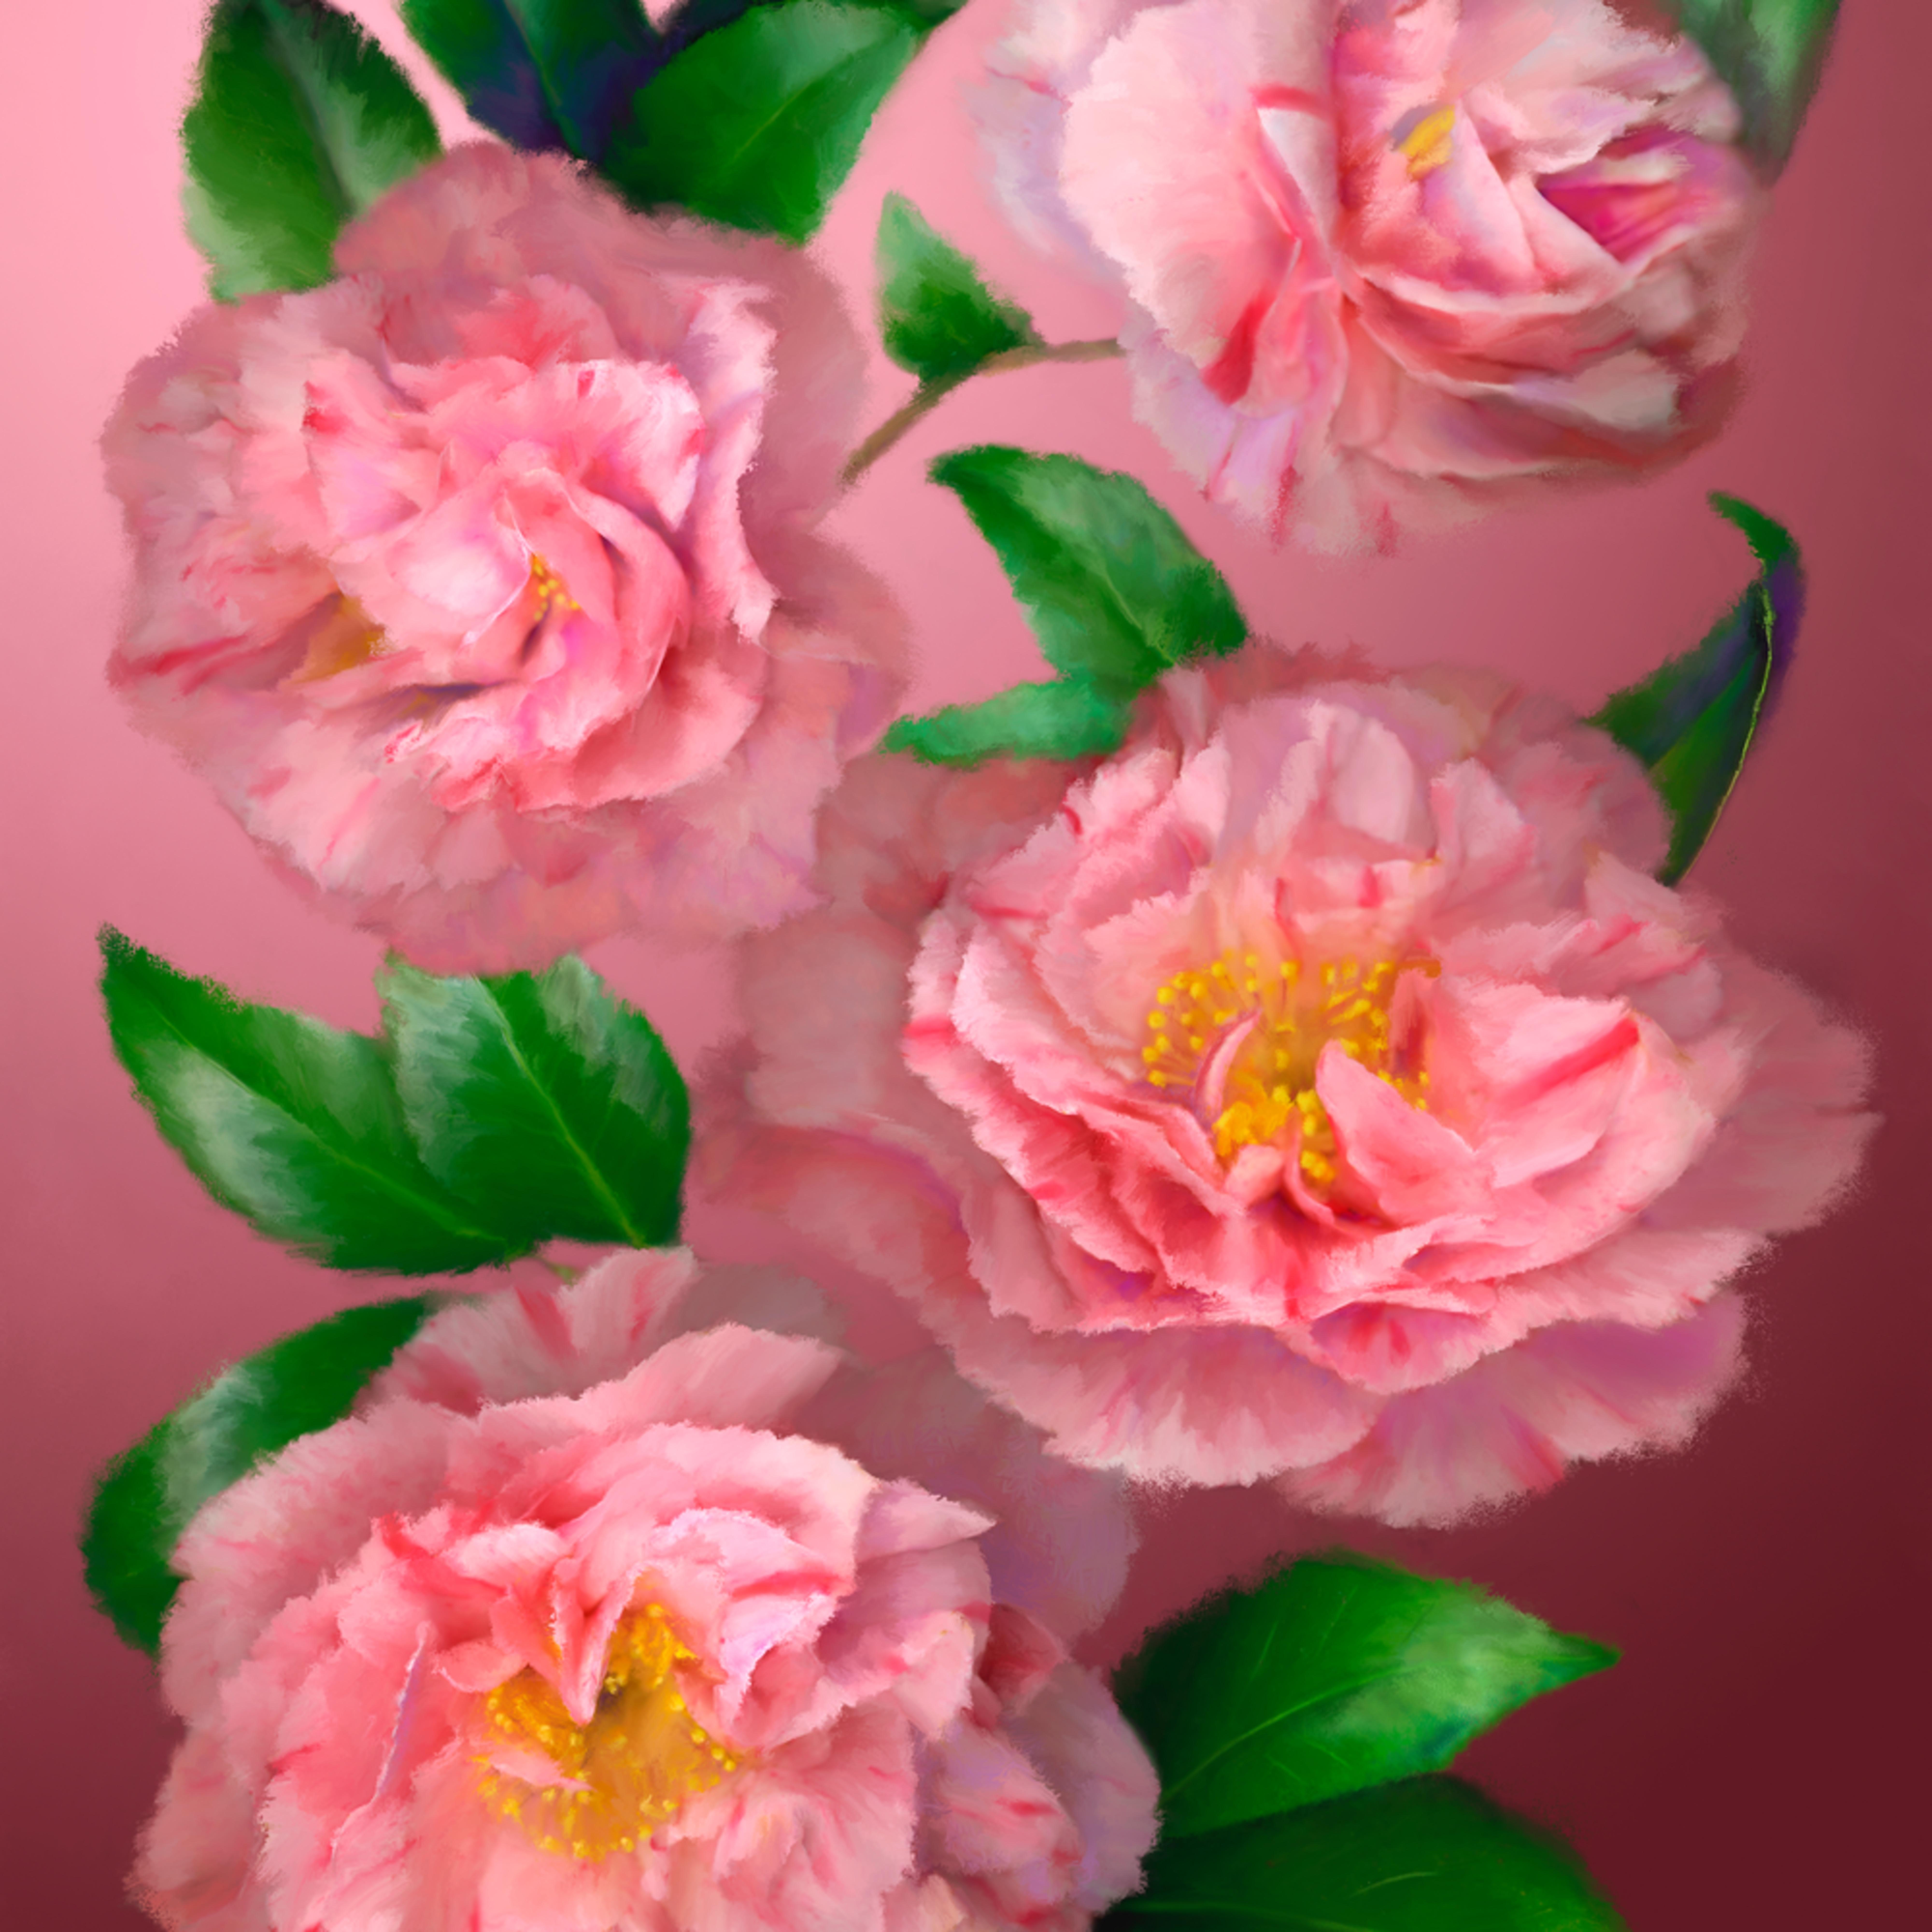 110602 ahern pink camellias 30x40x300 g4f32u